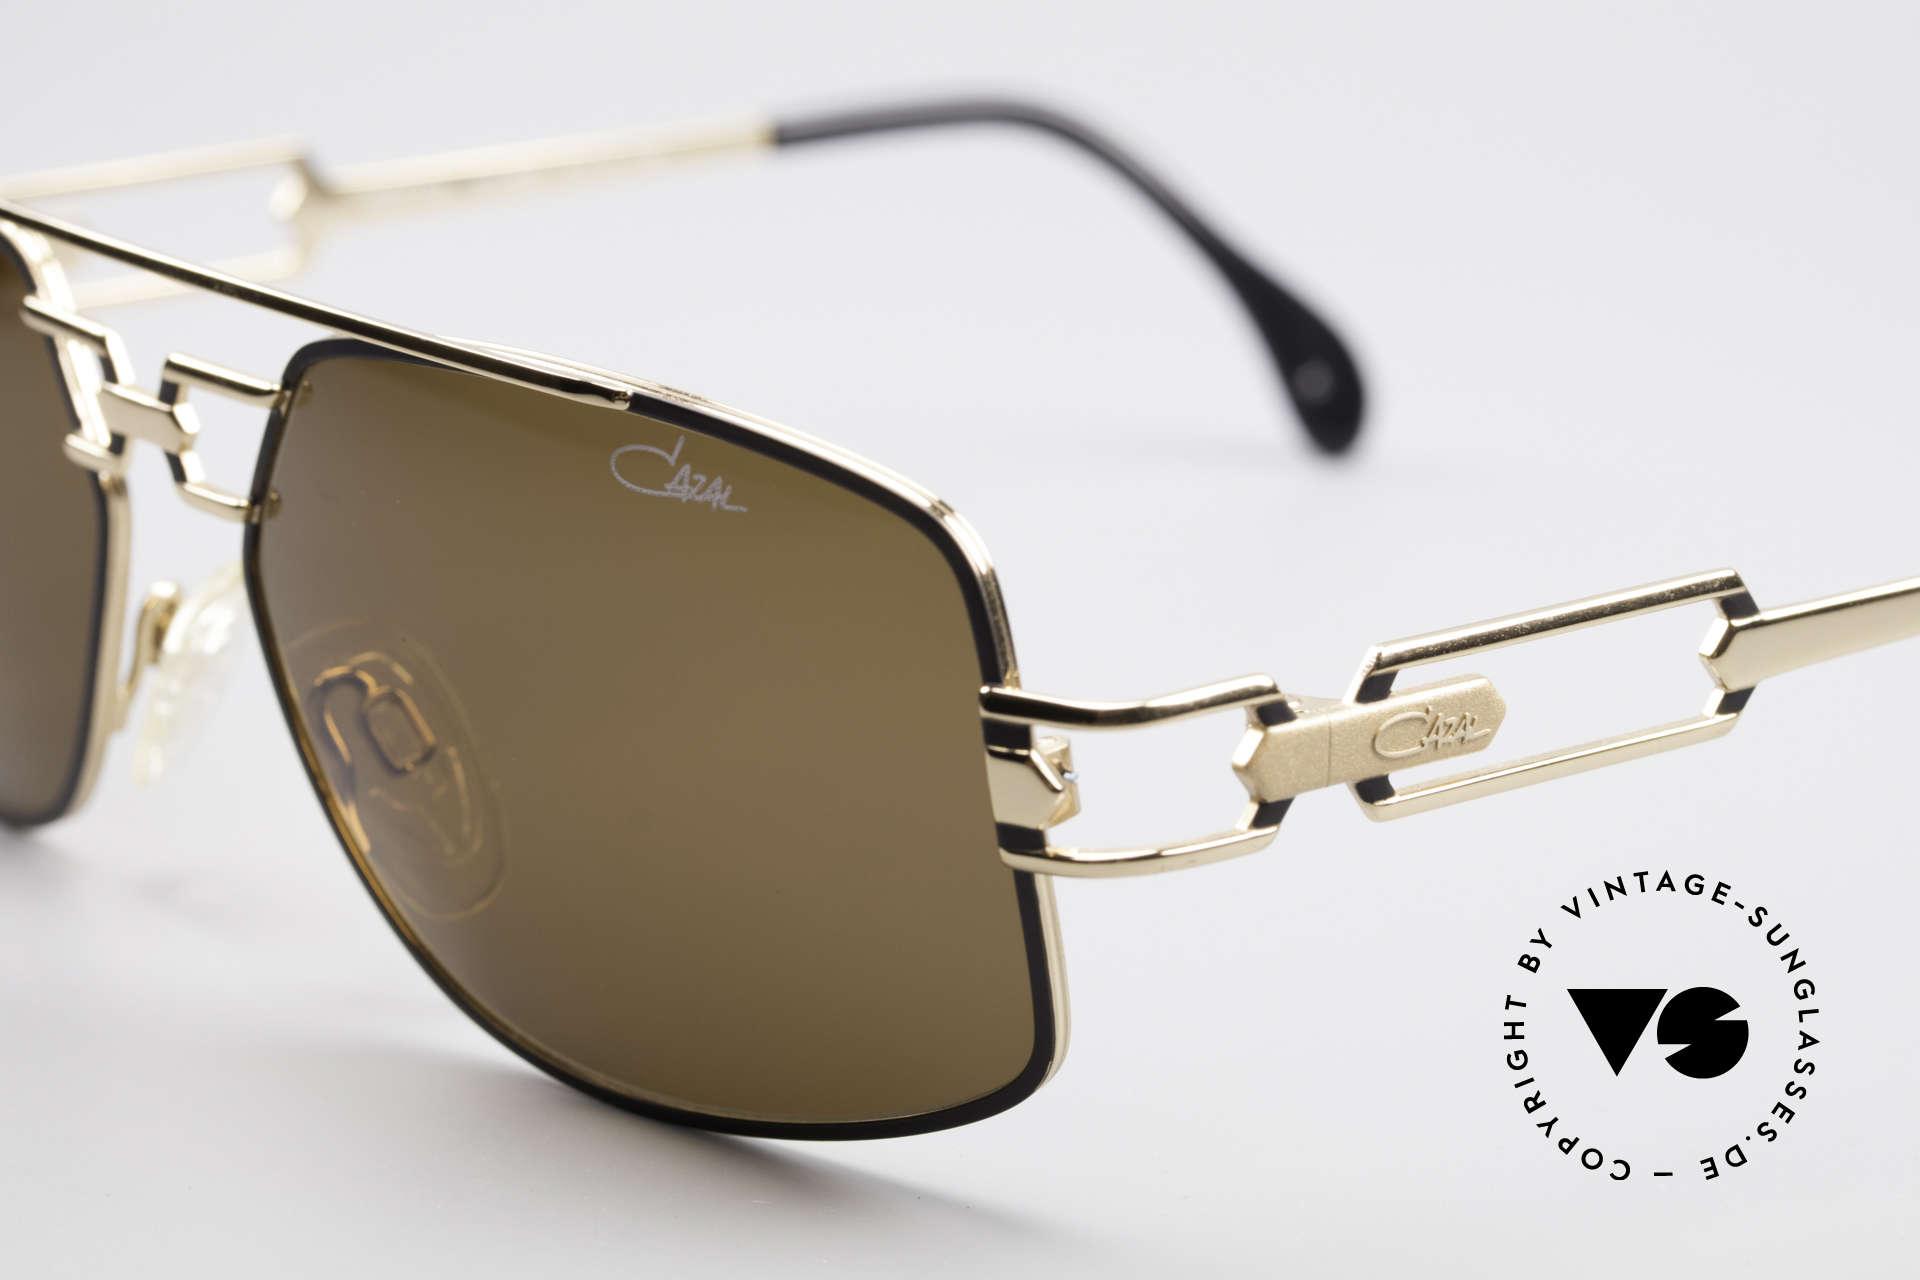 Cazal 972 Echt 90er No Retro Sonnenbrille, ungetragen; wie alle unsere vintage CAZAL 90er Brillen, Passend für Herren und Damen